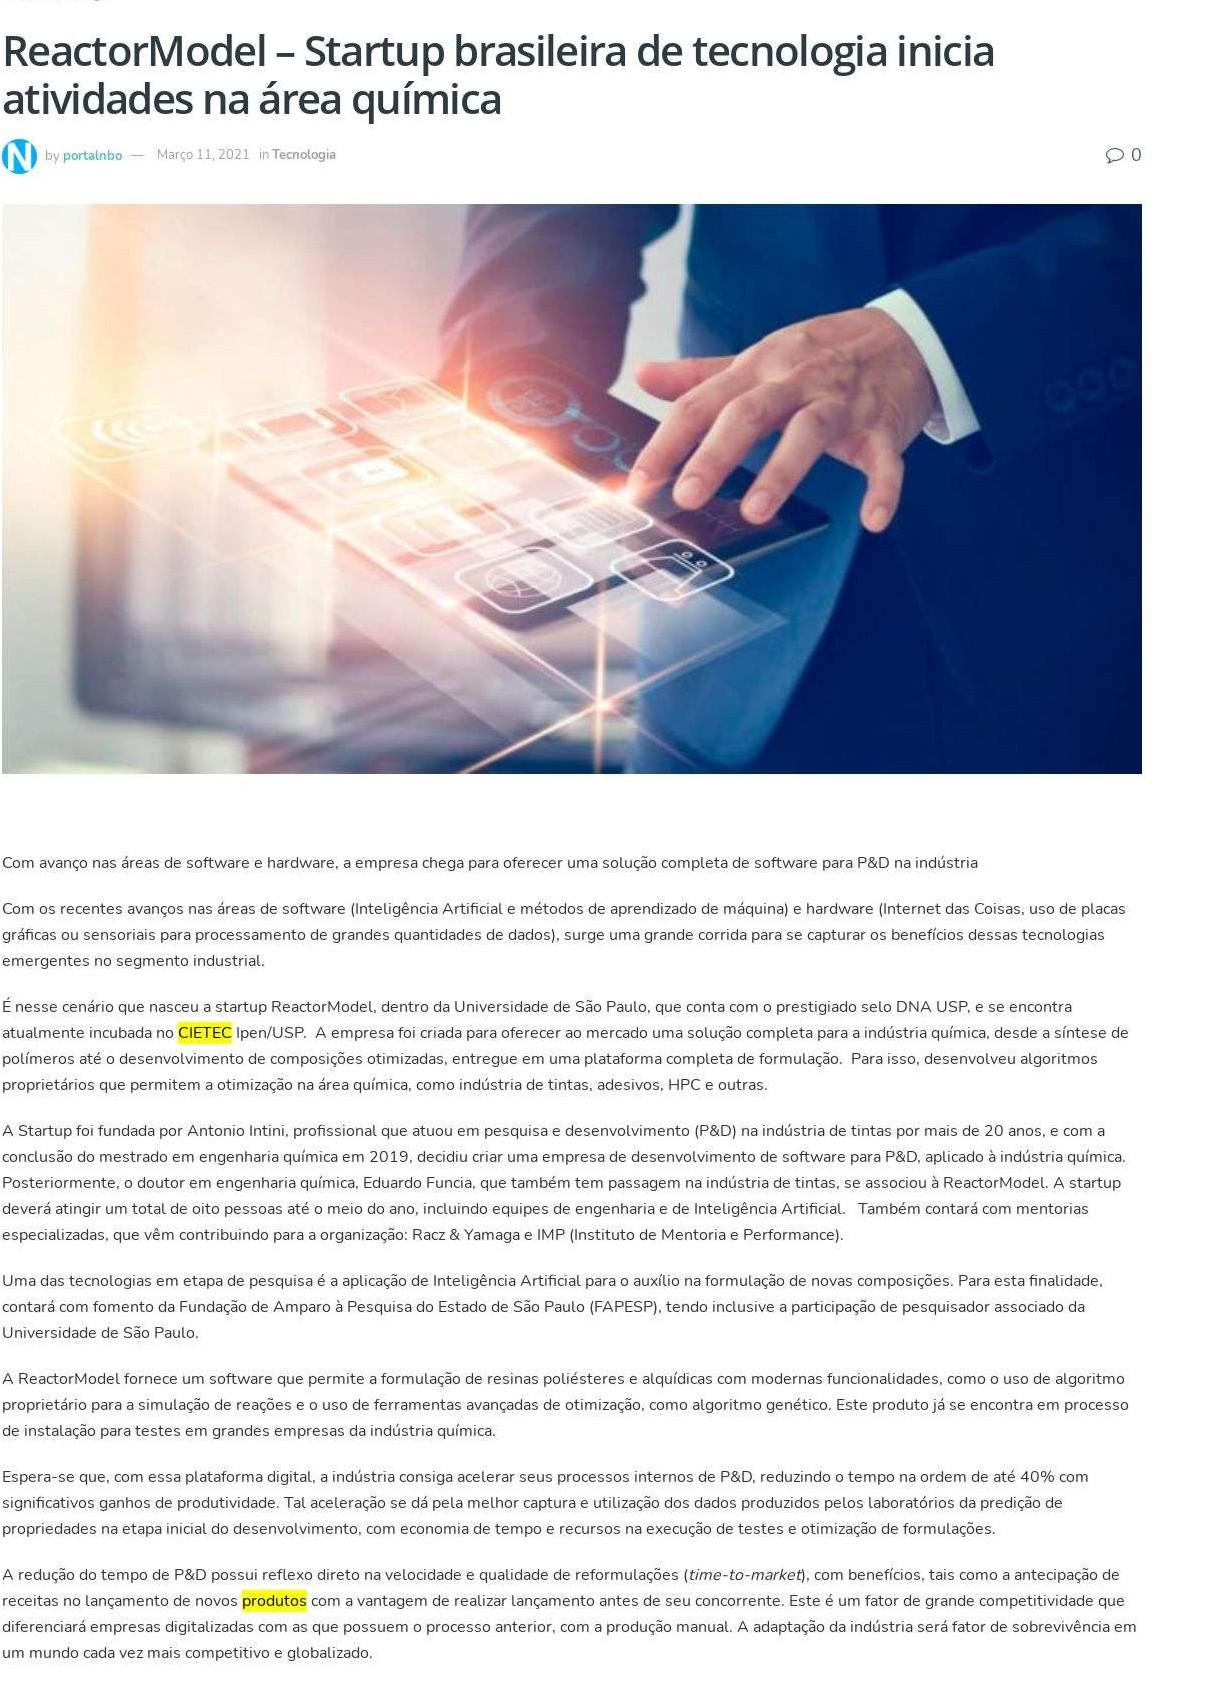 ReactorModel – Startup brasileira de tecnologia inicia atividades na área química - Portal Nbo